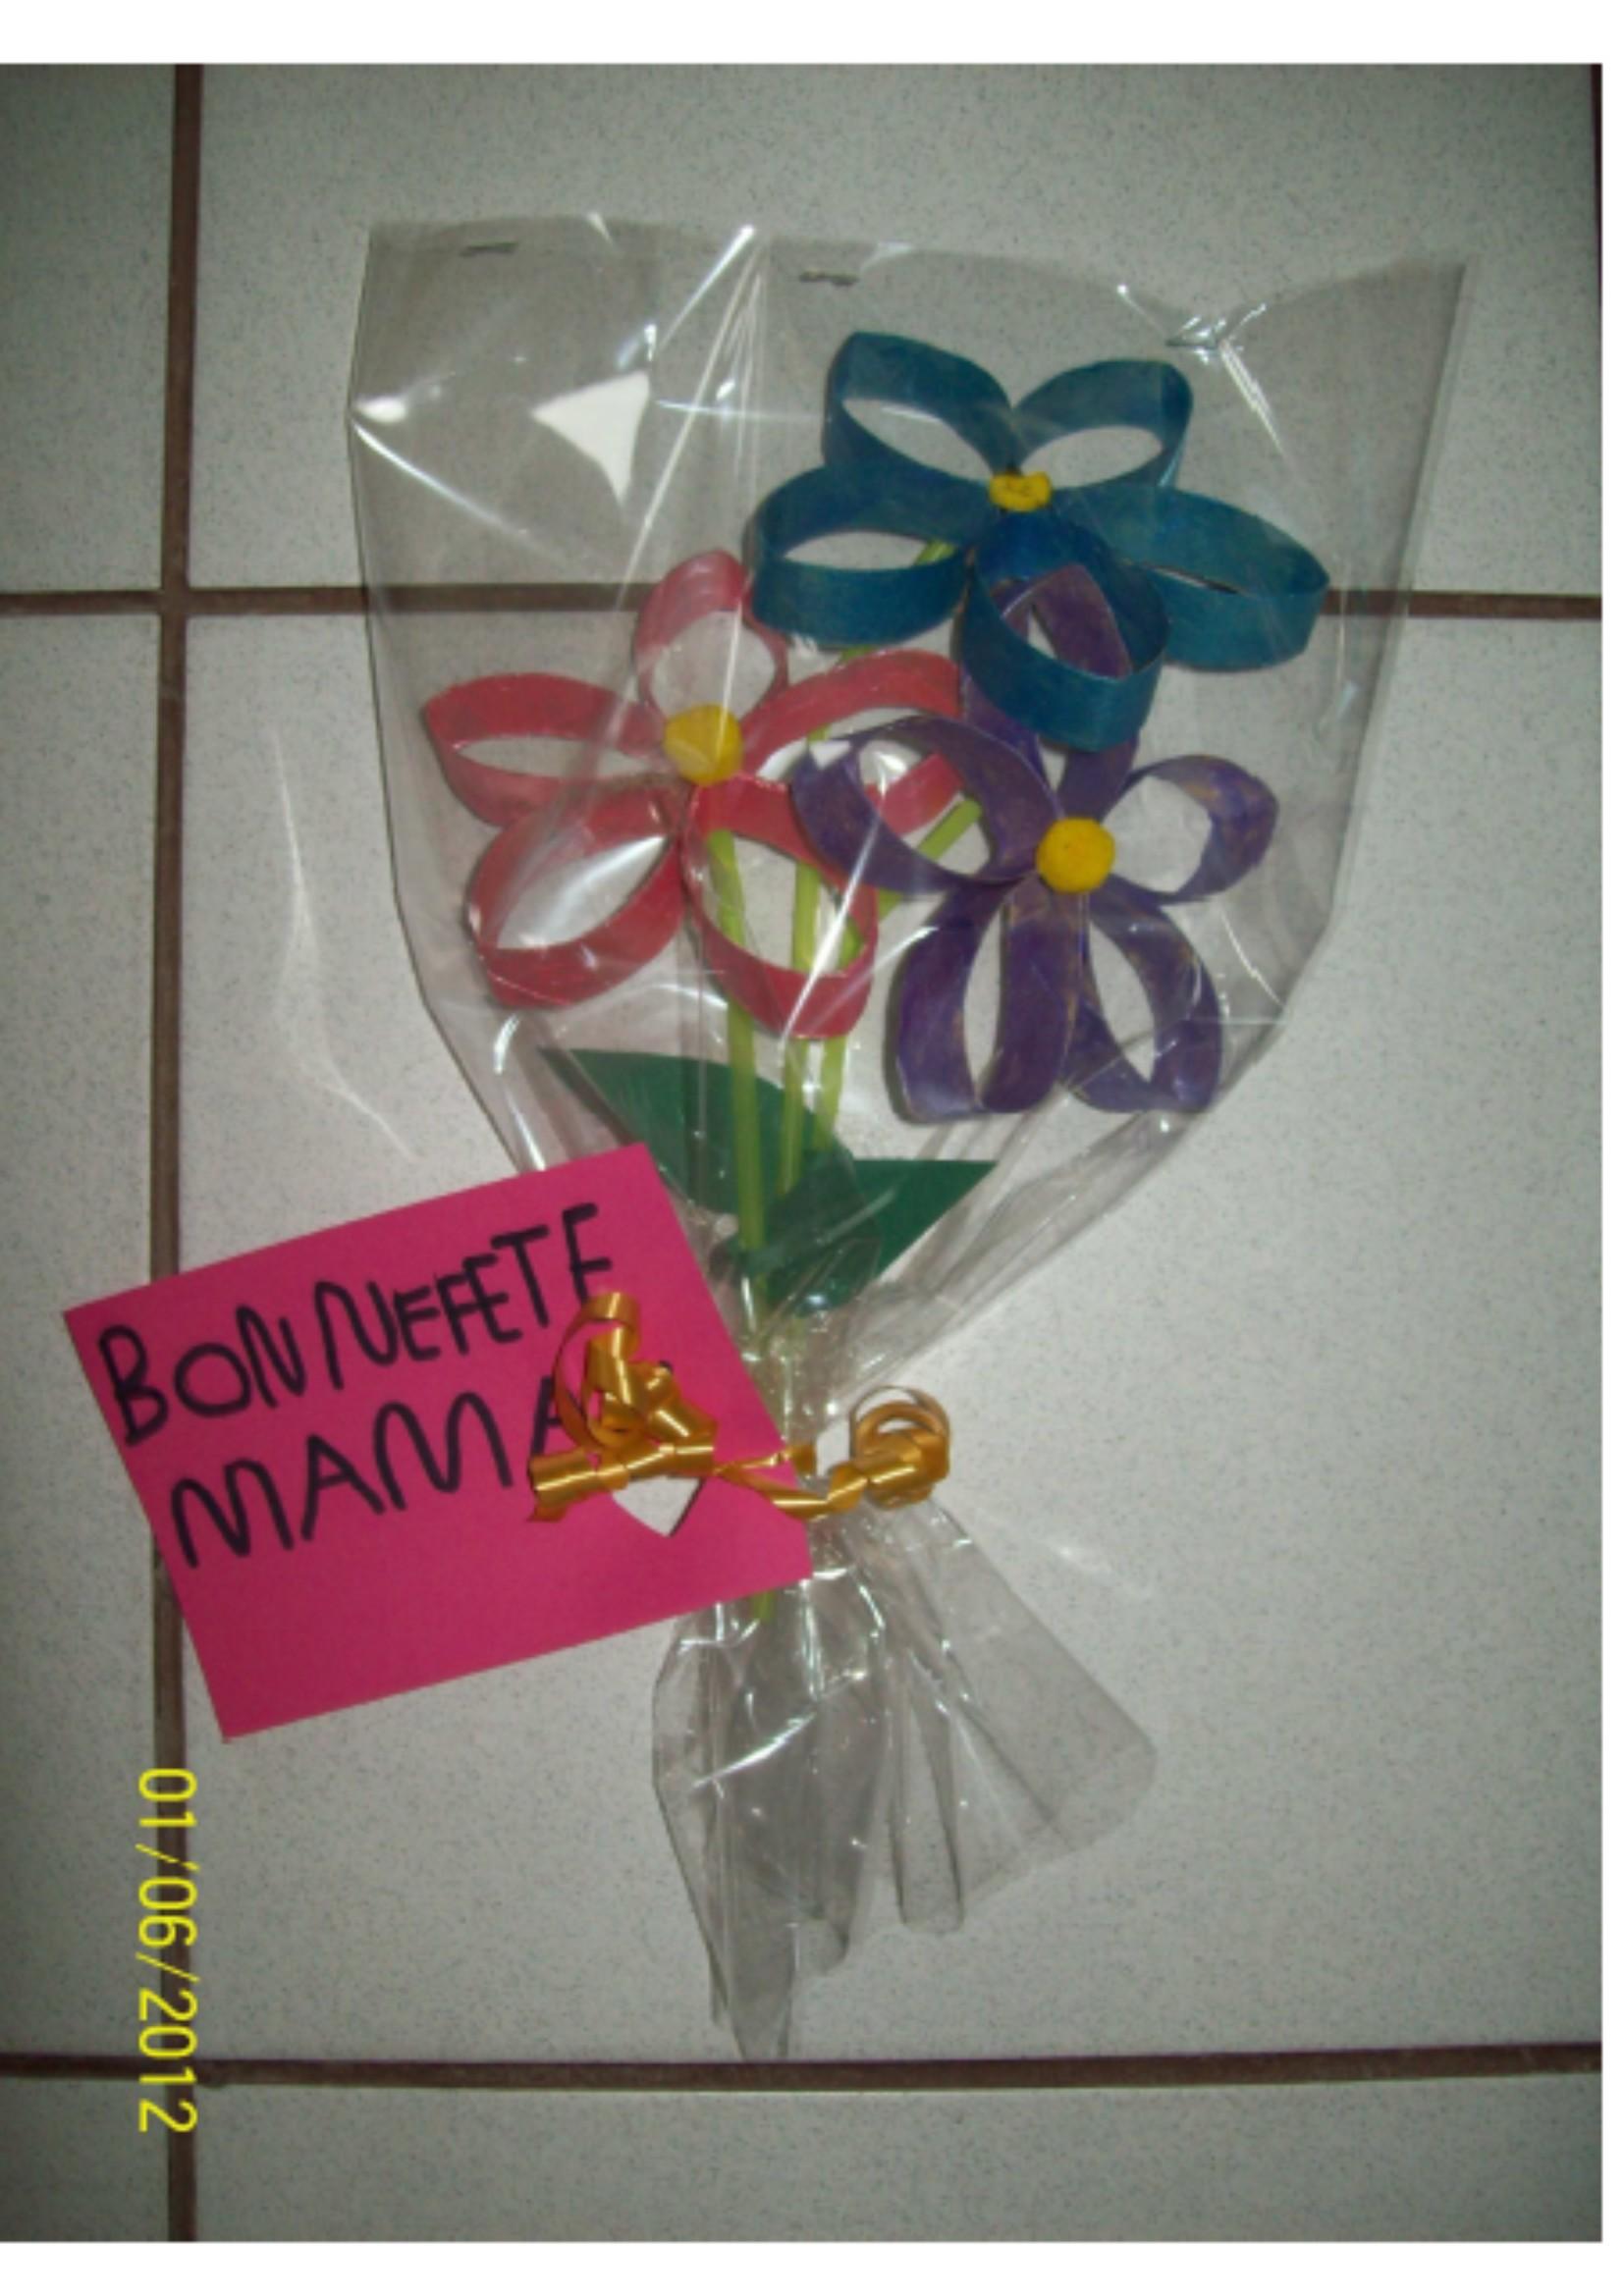 bouquet de fleurs recup 39 ps ms gs fete des meres 2012 la classe de wjl. Black Bedroom Furniture Sets. Home Design Ideas